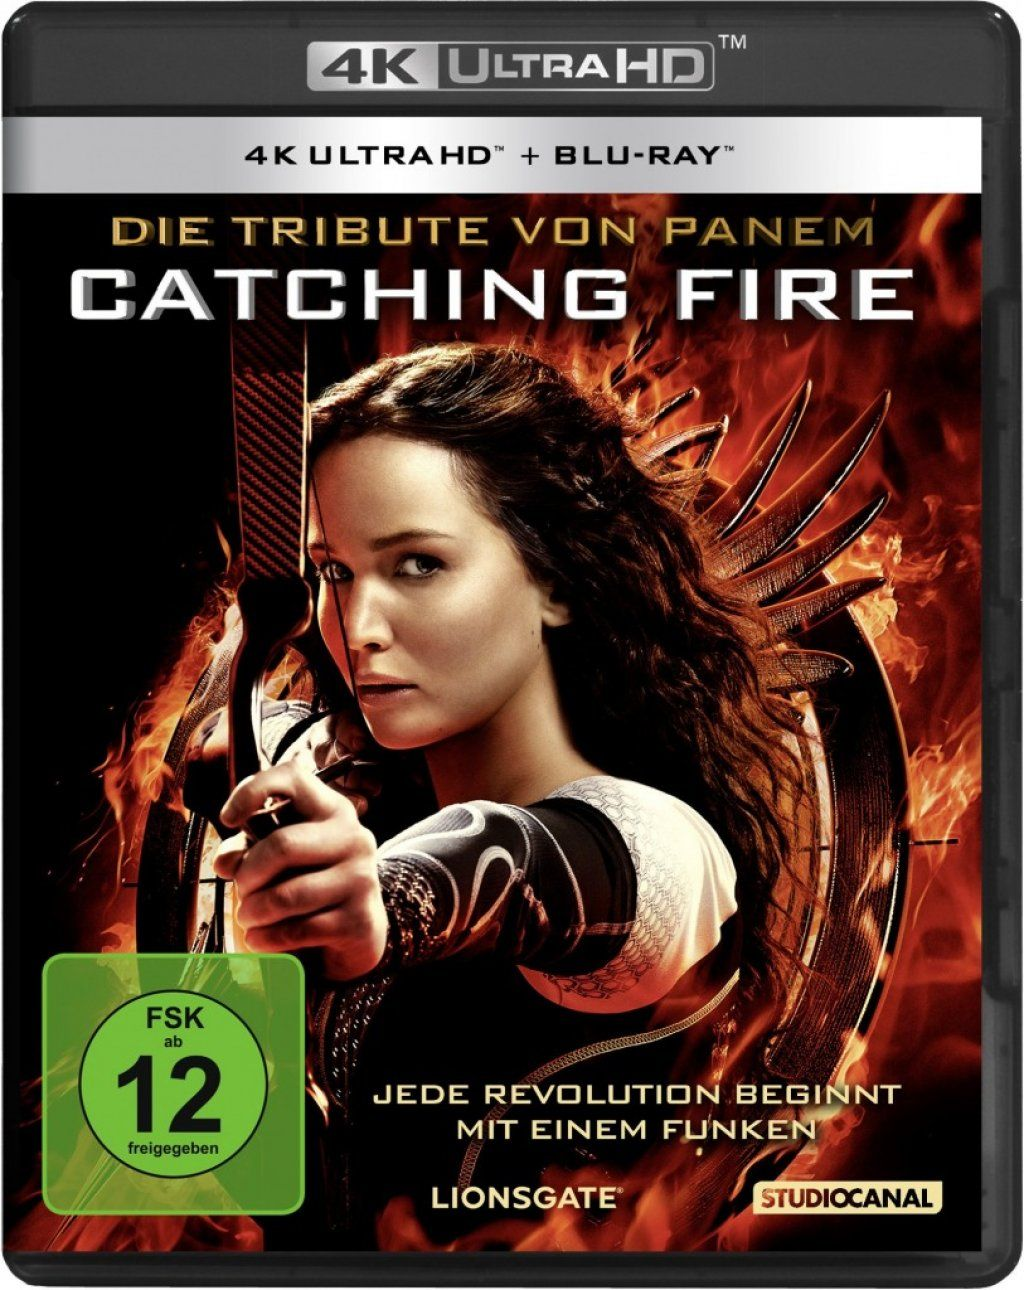 Tribute von Panem, Die - Catching Fire (2 Discs) (UHD BLURAY + BLURAY)